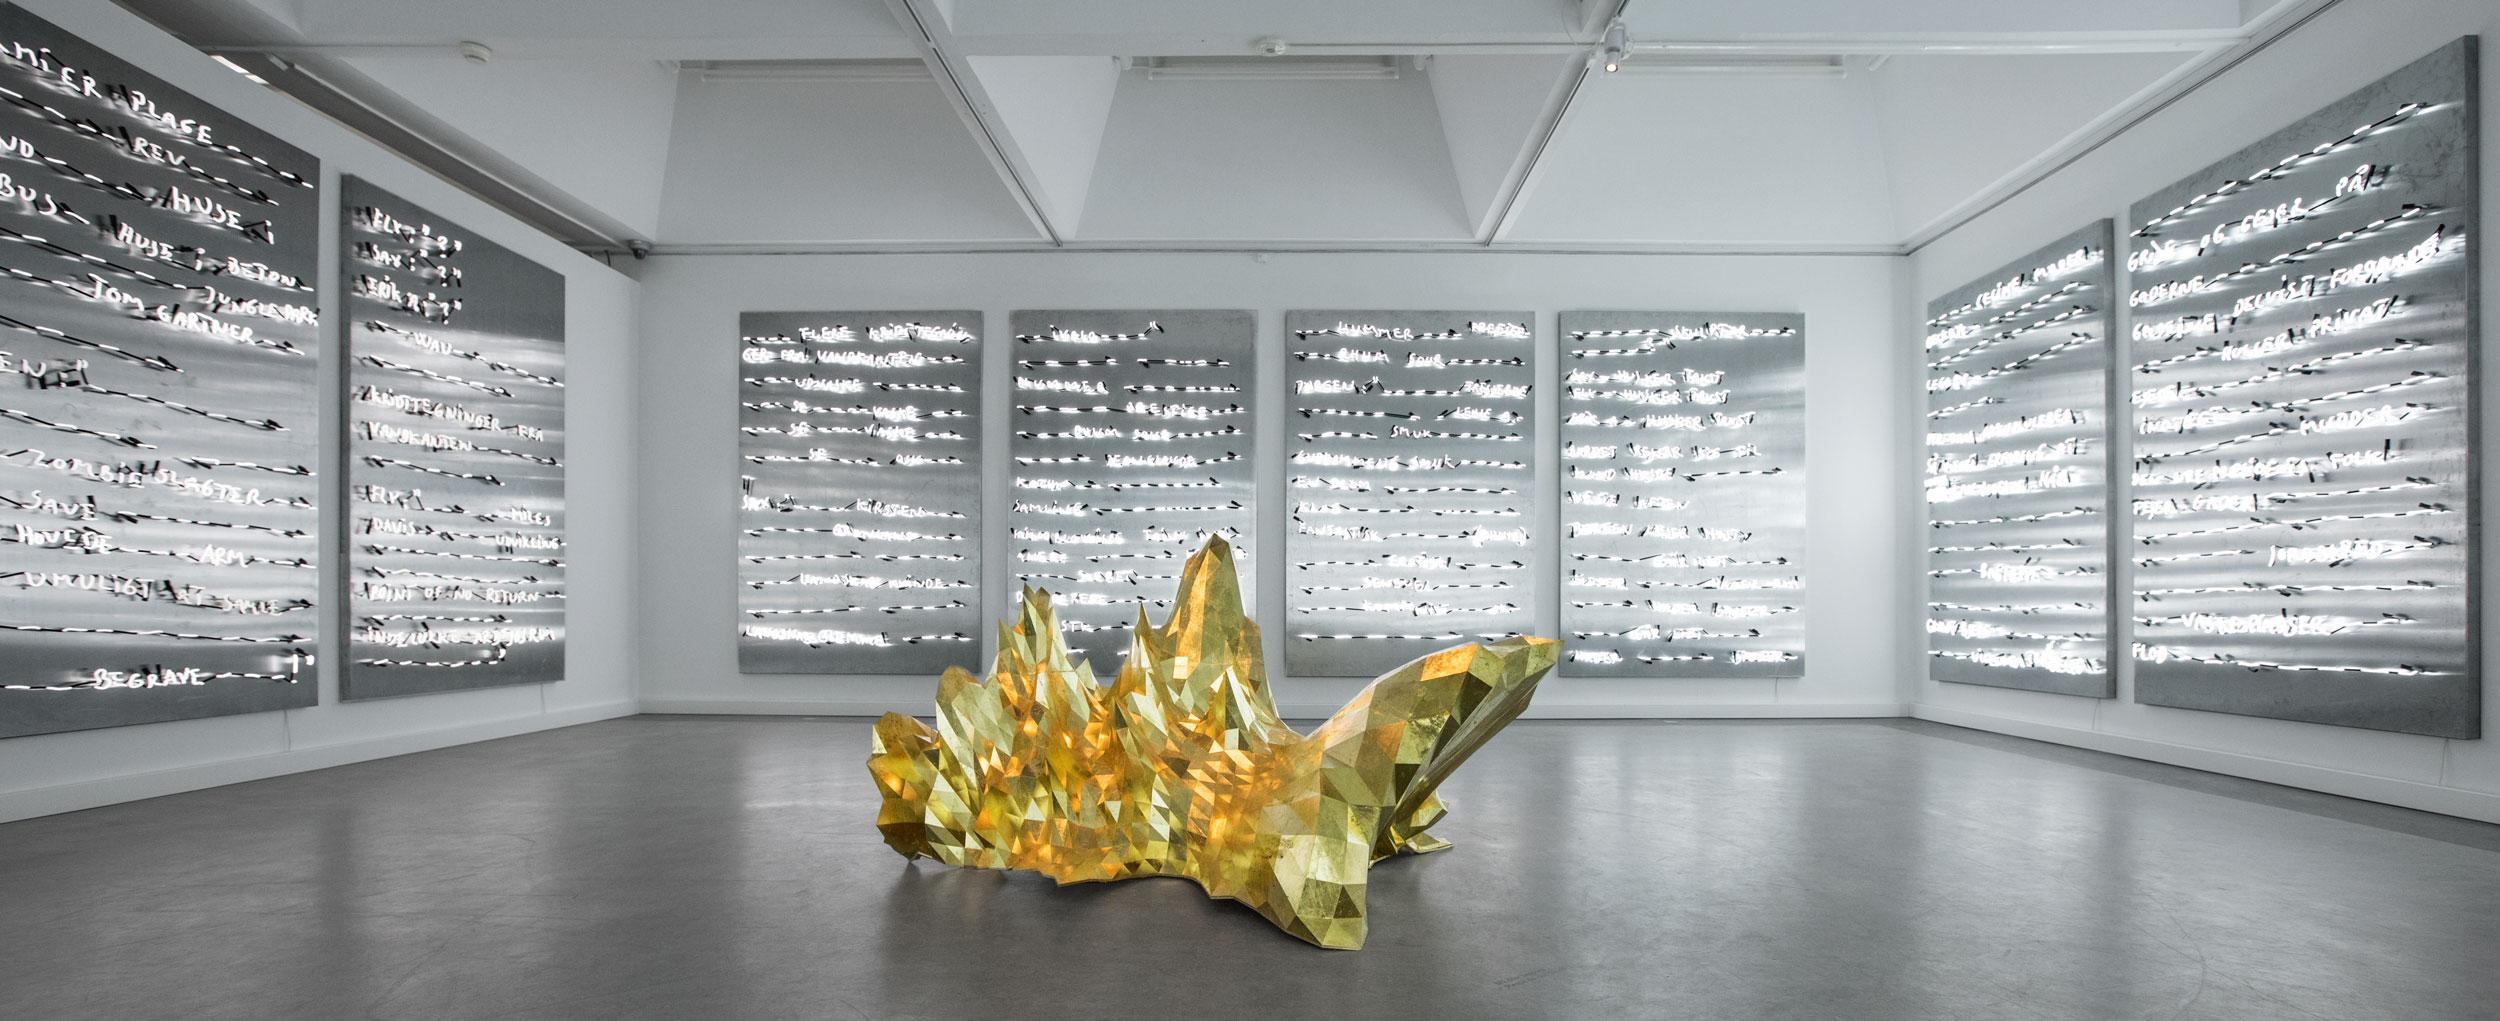 Sculptur, Erik A Frandsen